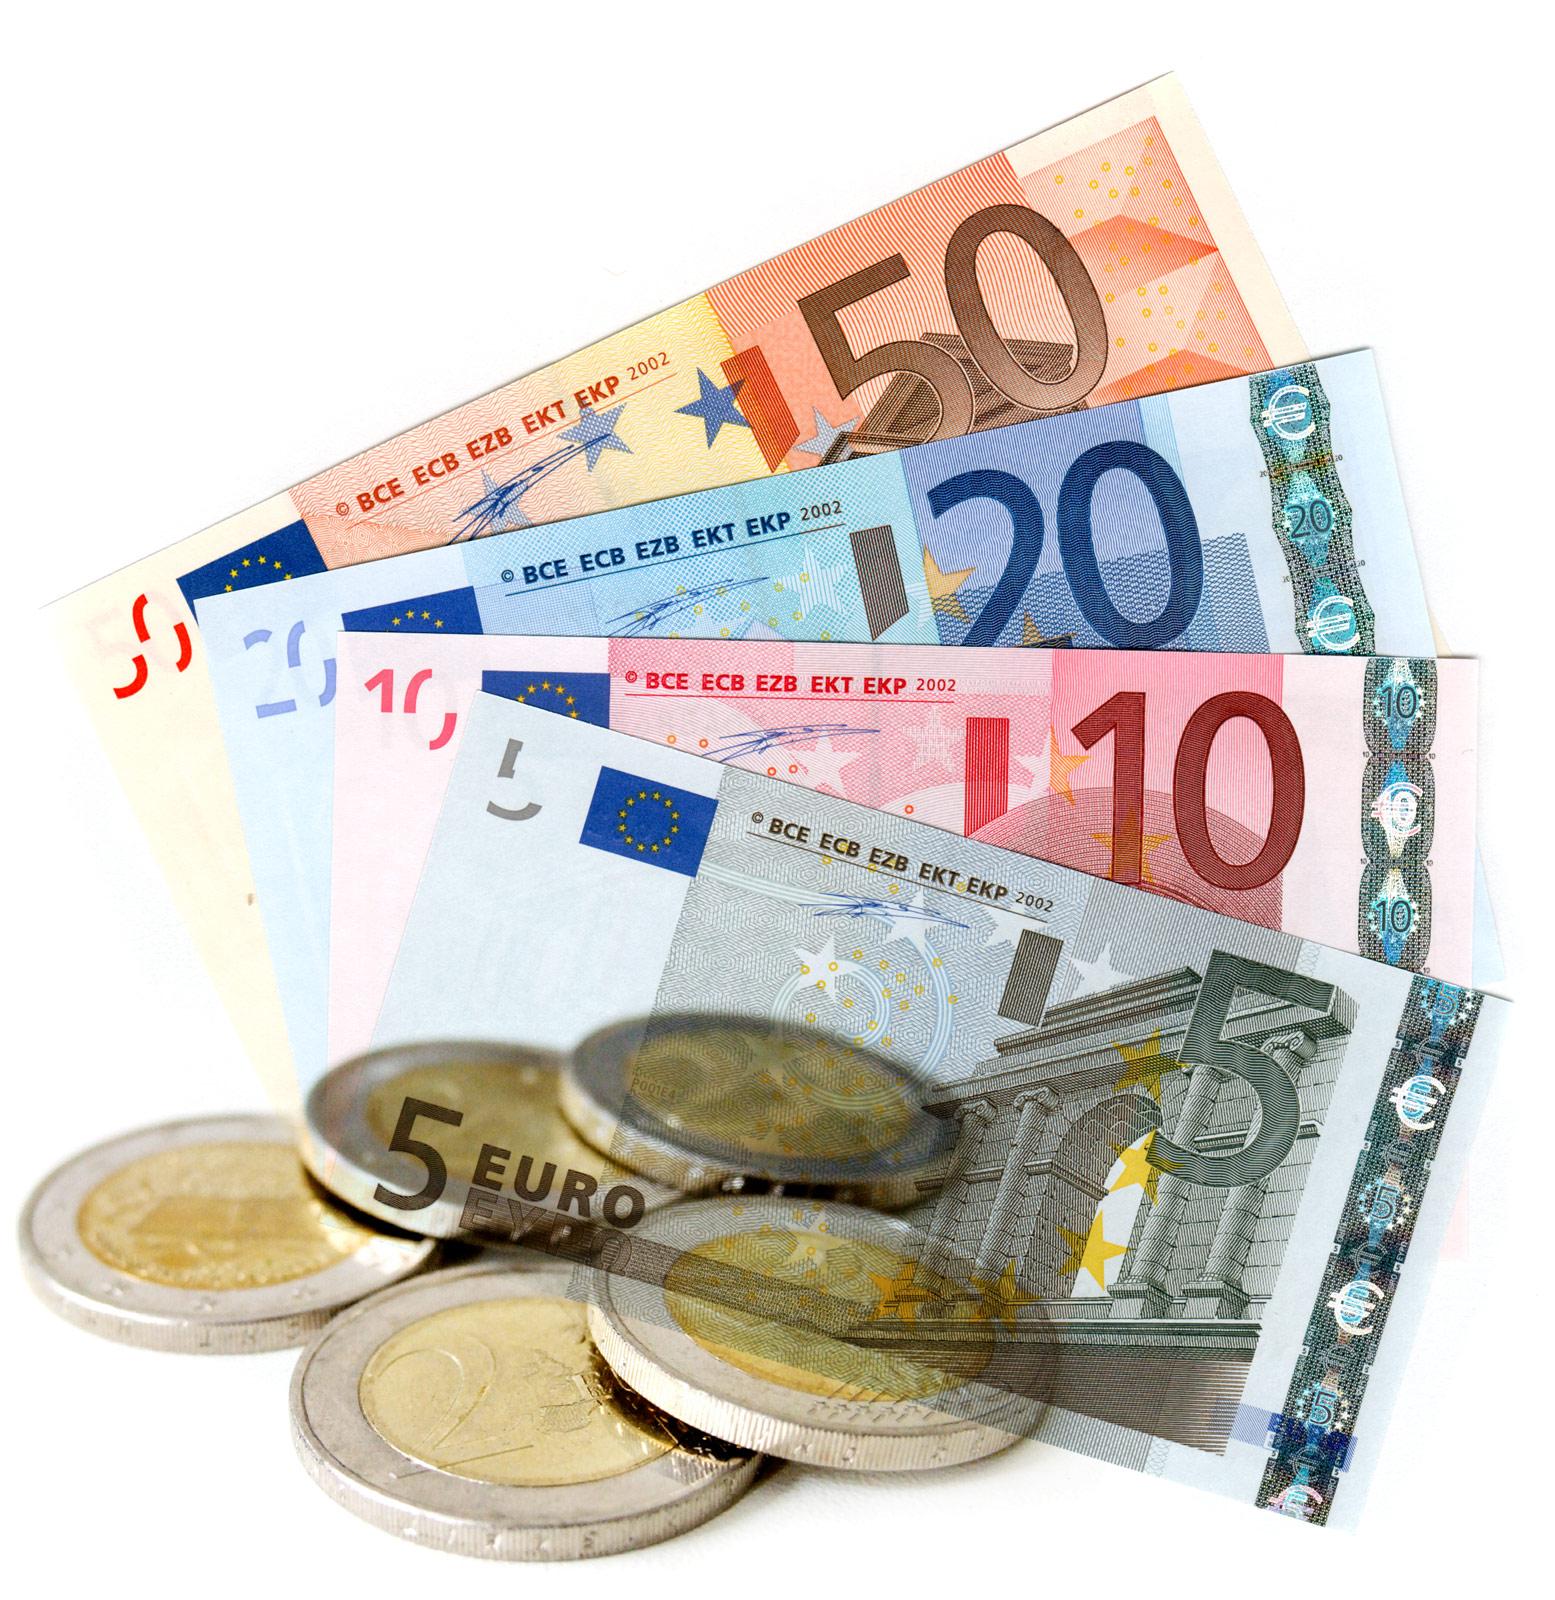 10 Jahre Euro Bargeld Münzen Im Starterkit Putzlowitscher Zeitung